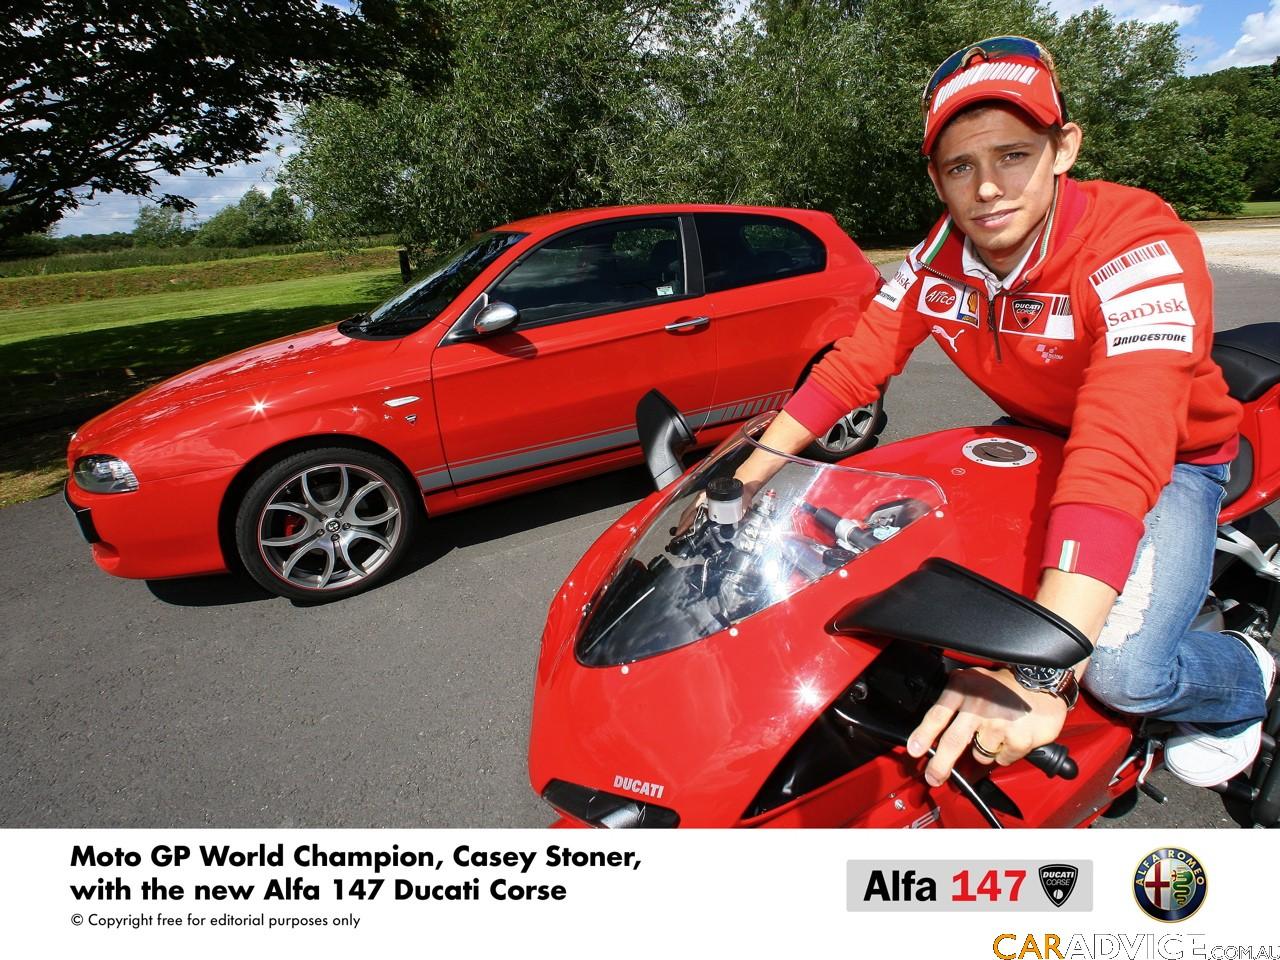 Alfa Romeo 147 Ducati Corse Photos Caradvice